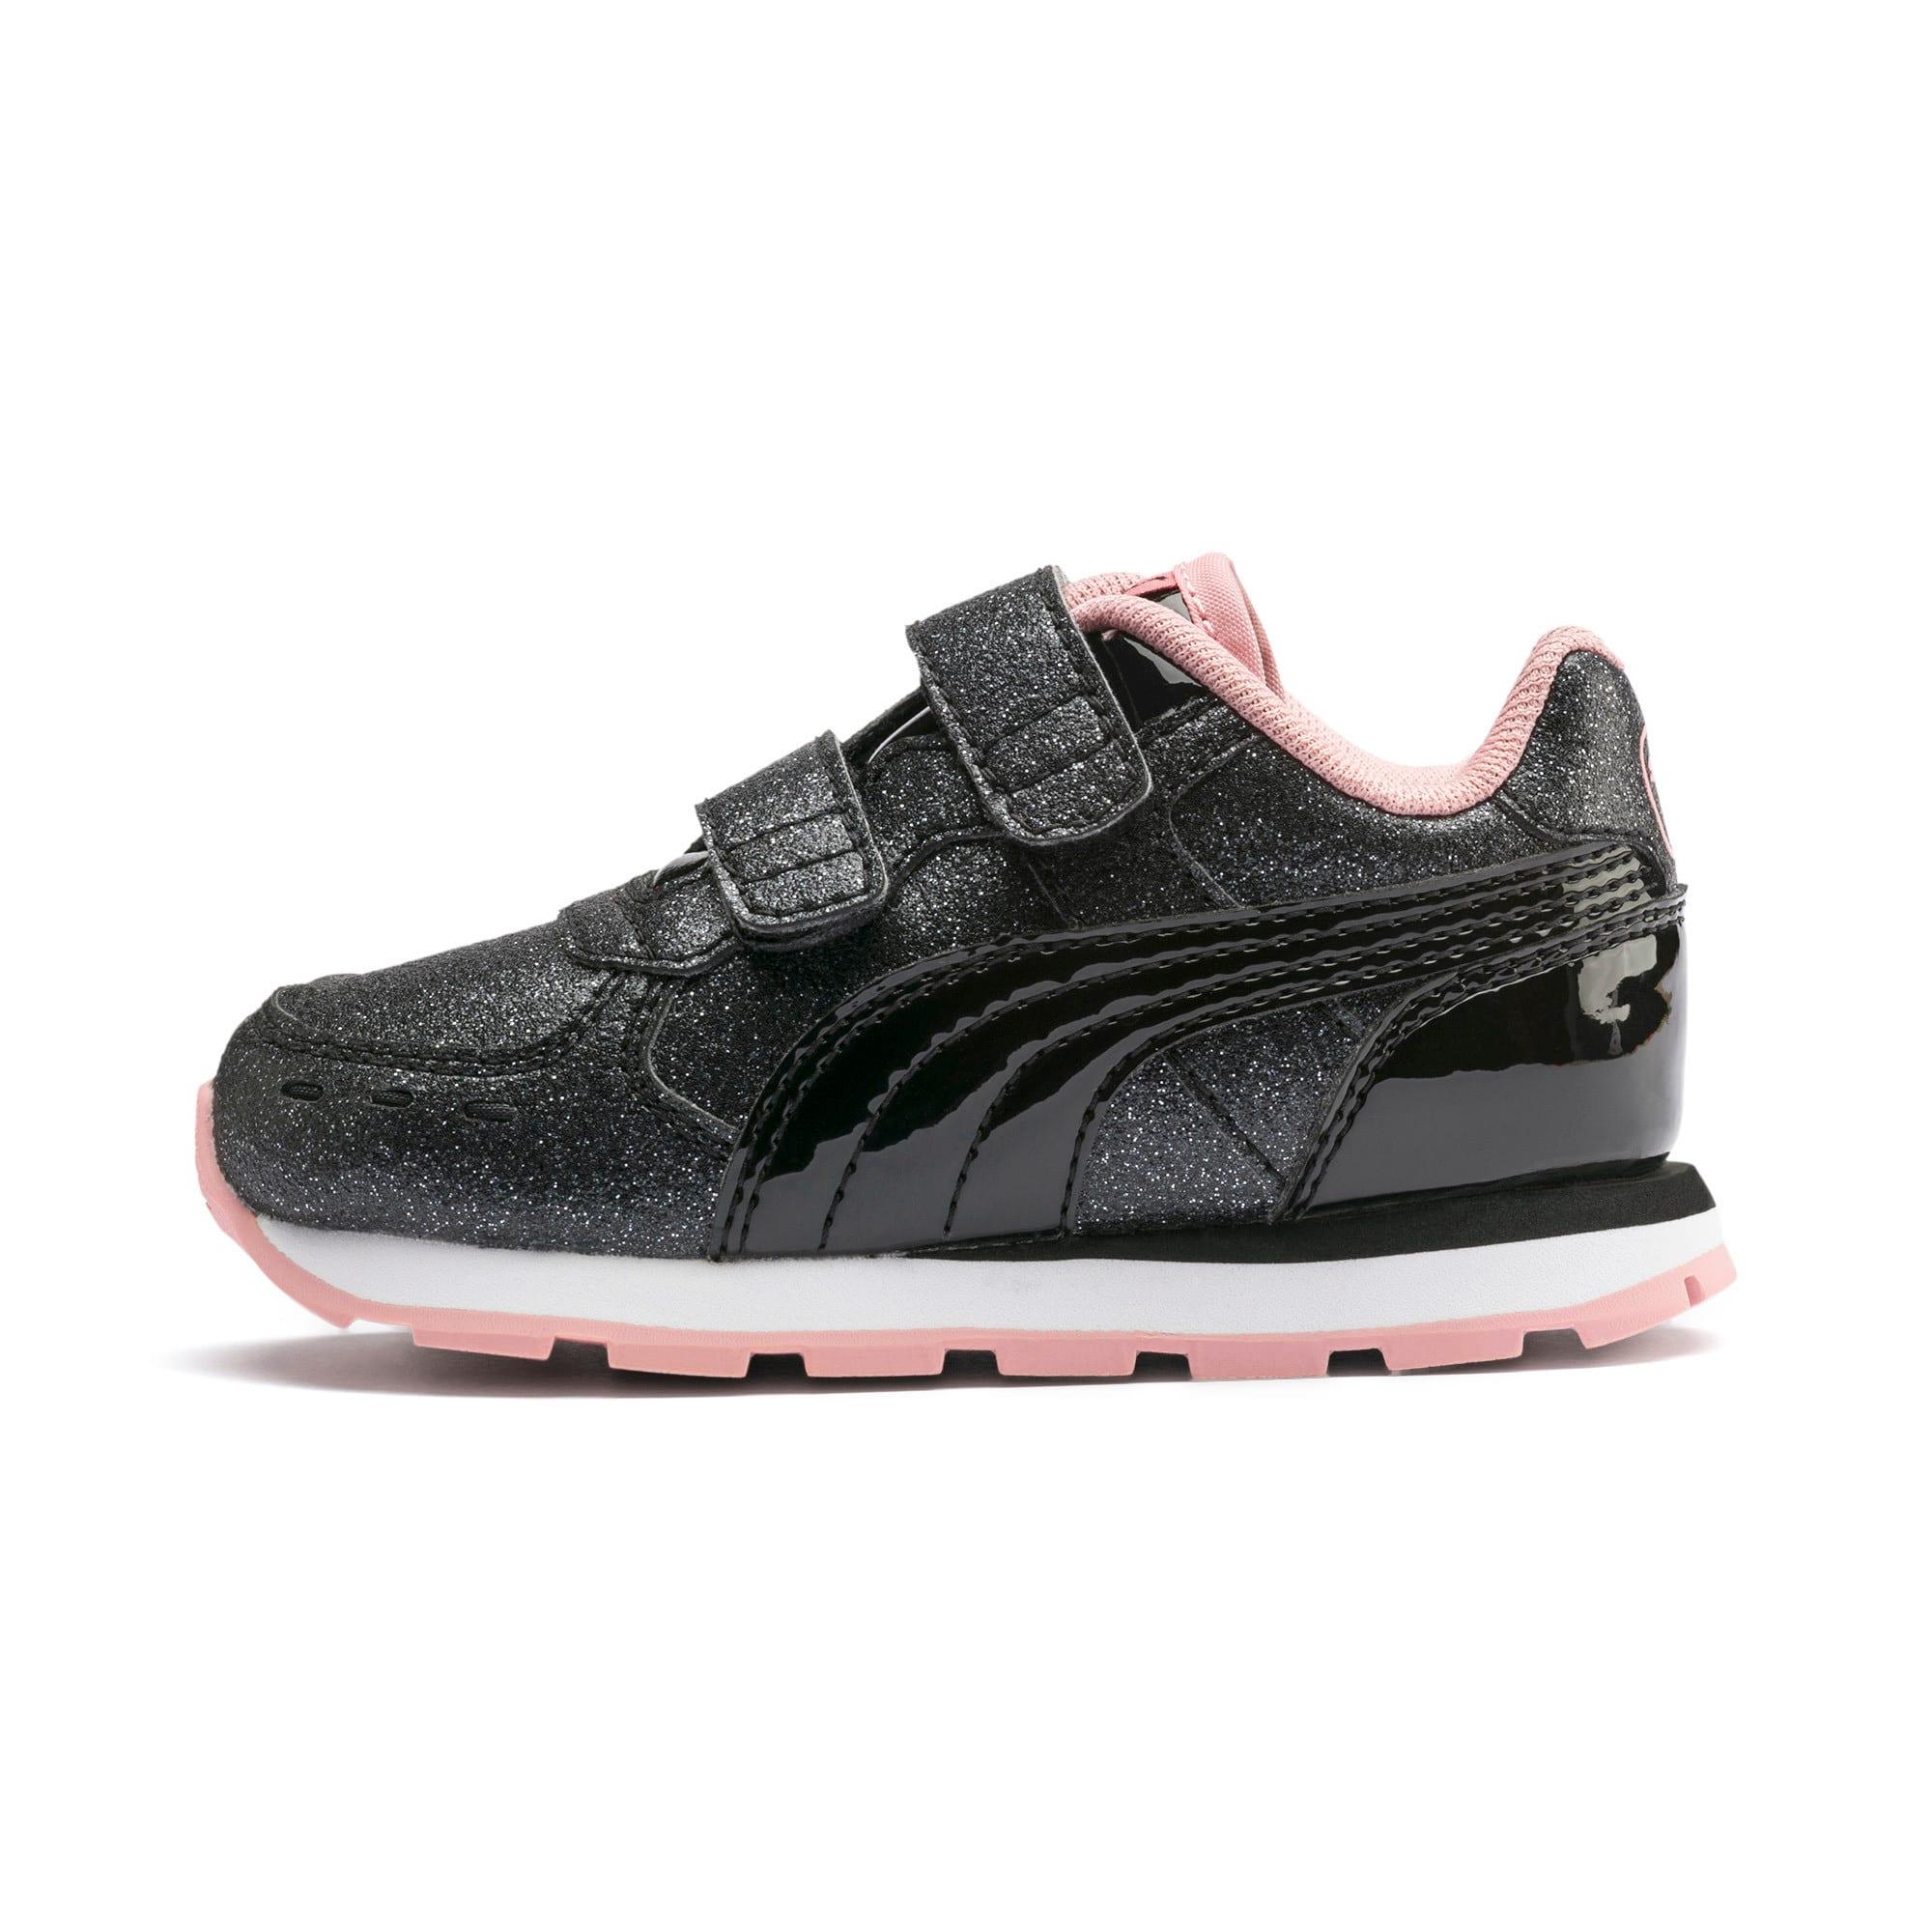 Miniatura 1 de Zapatos Vista Glitz para bebés, Puma Black-Bridal Rose, mediano